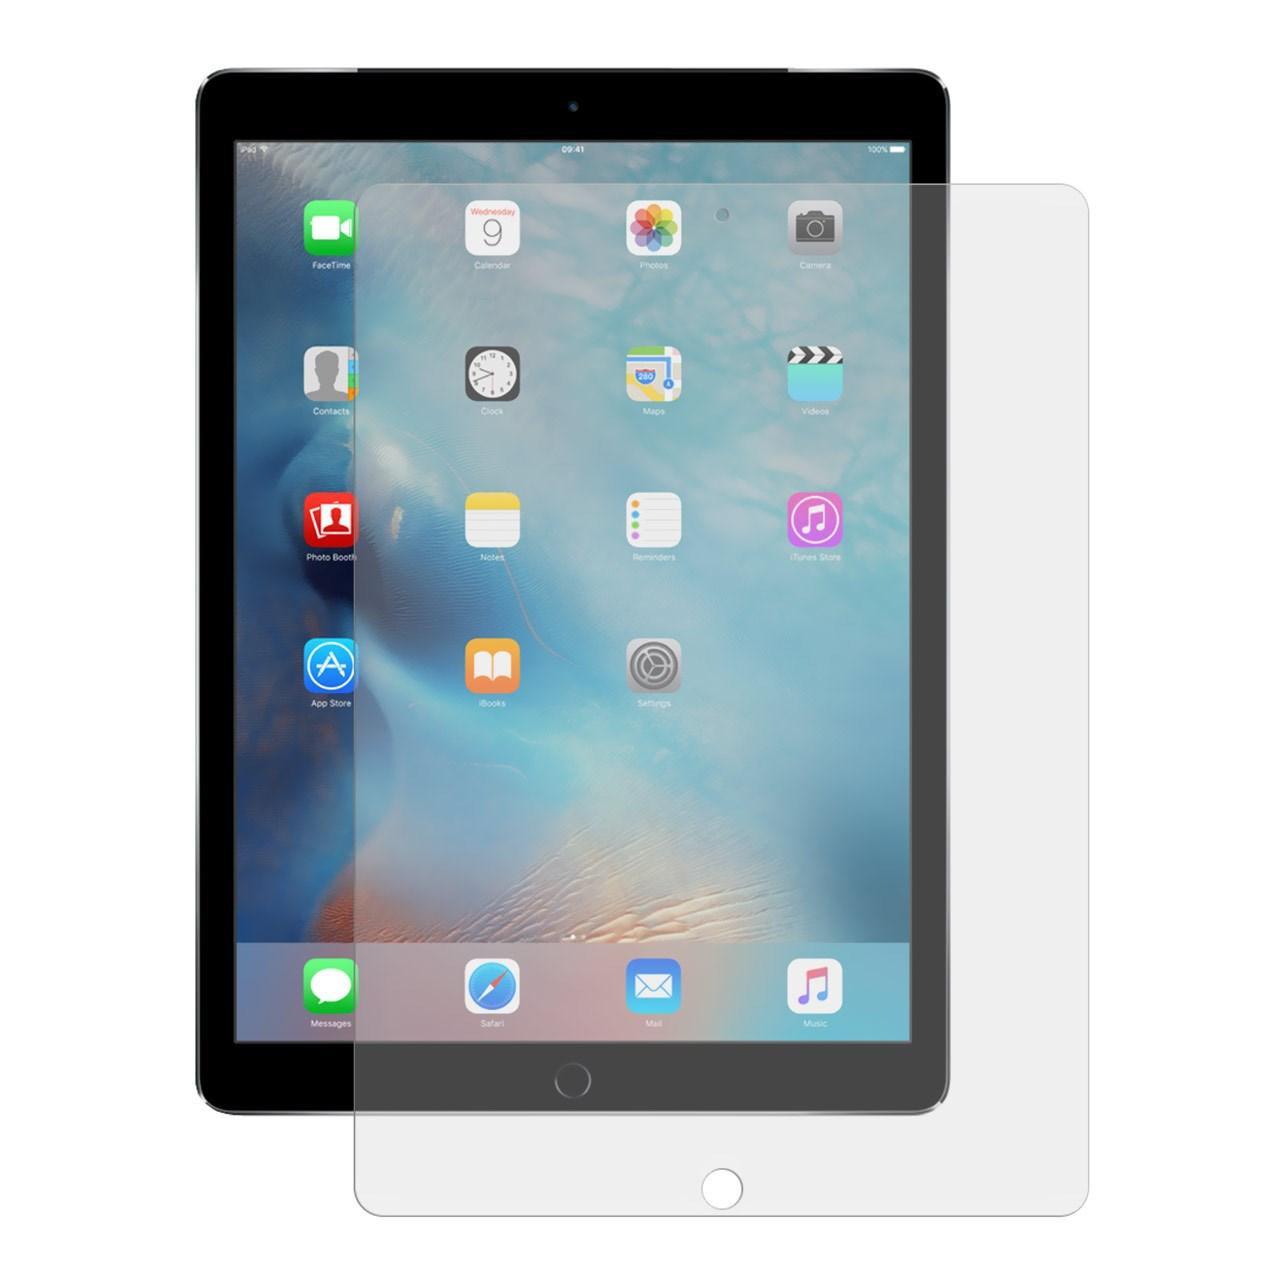 محافظ صفحه نمایش شیشه ای تمپرد مناسب برای تبلت اپل iPad Pro 9.7